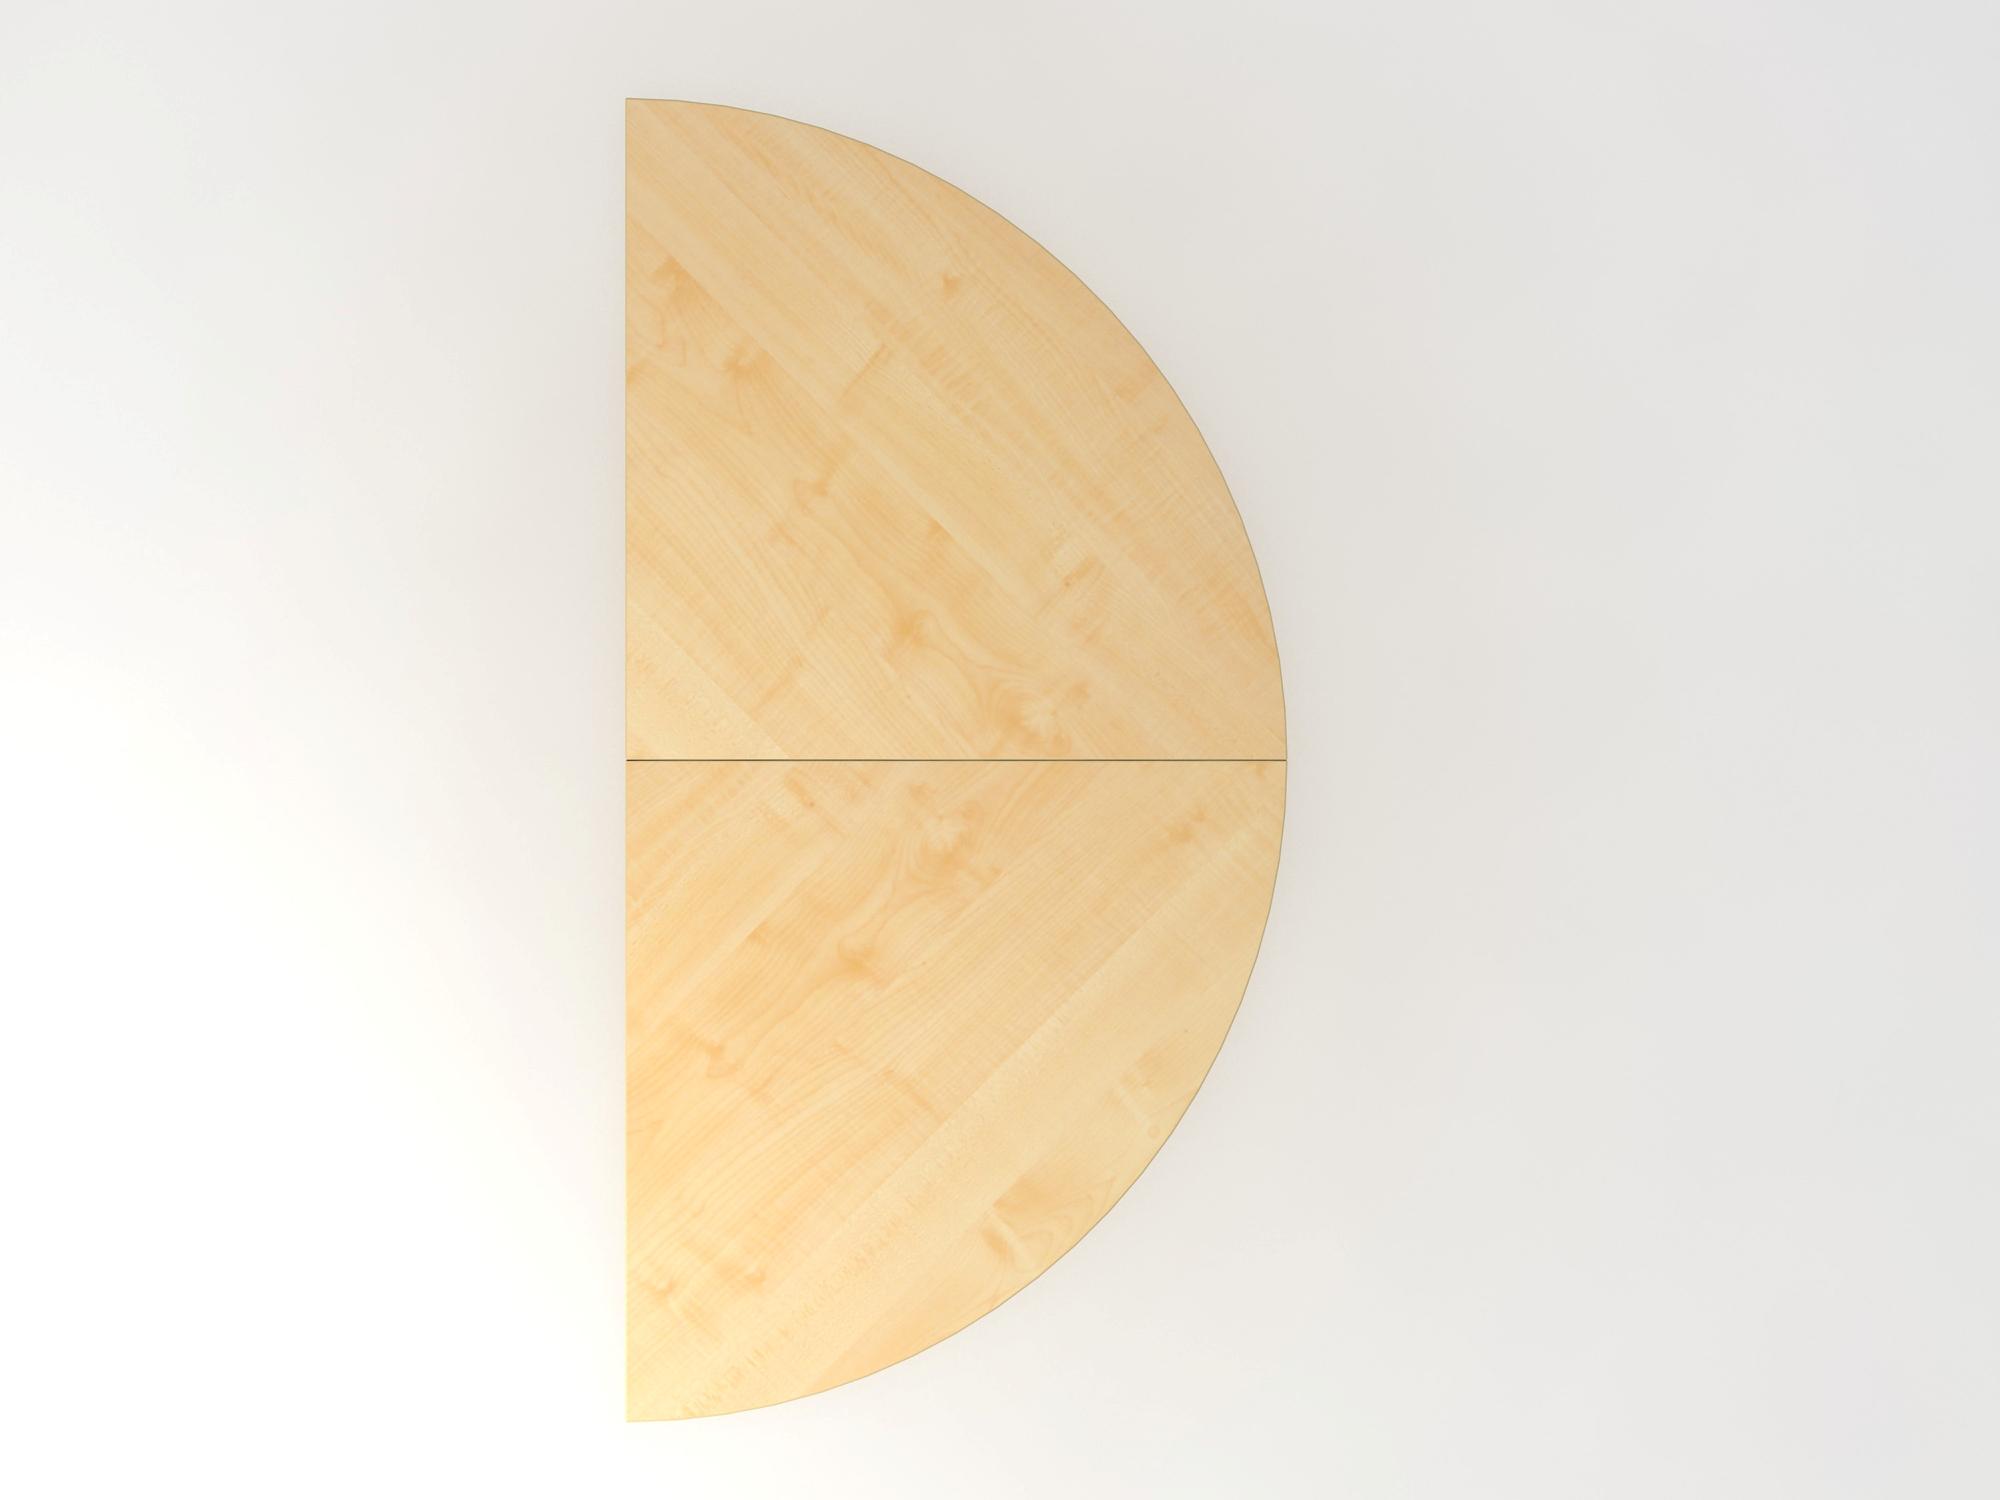 Anbautisch 2xViertelkreis/STF Ahorn/Weiß